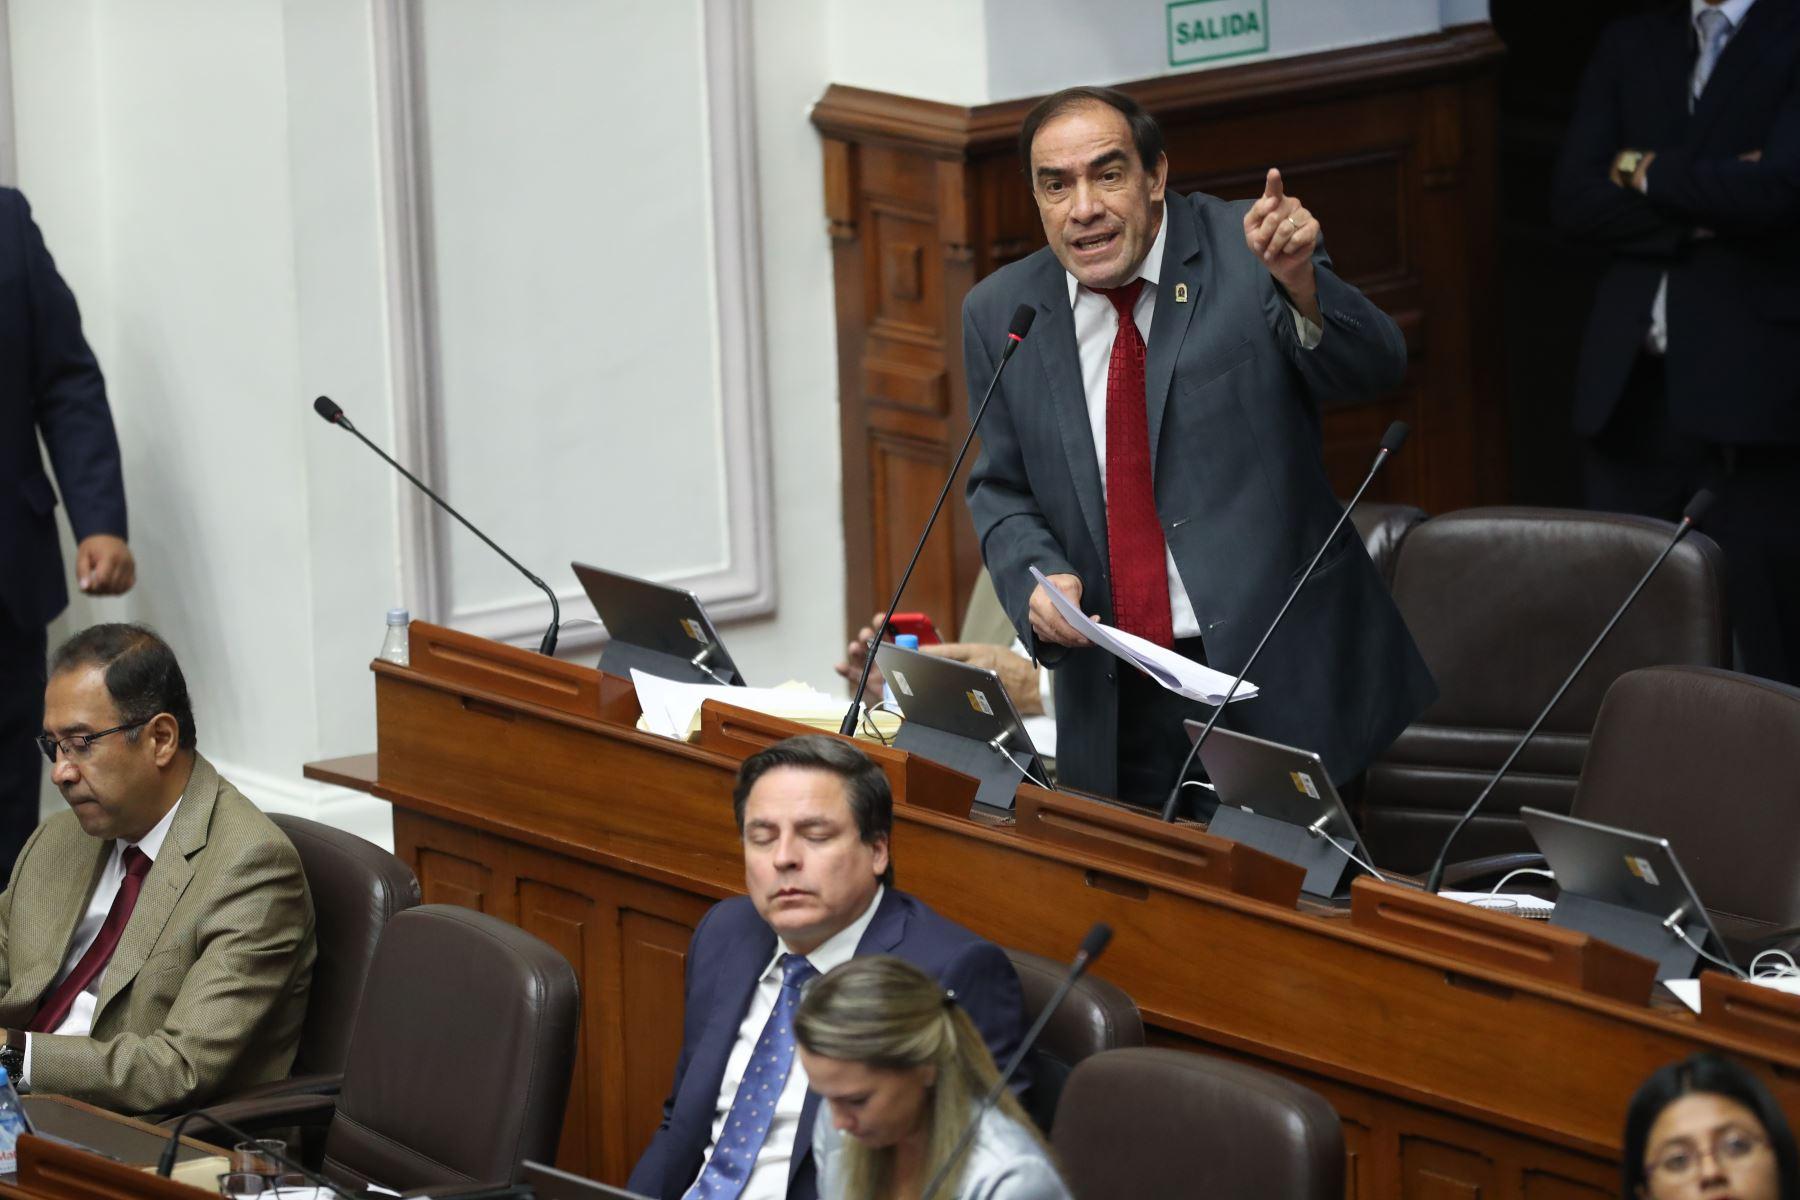 Pleno de Congreso debate el informe de la Comisión de Ética que declara fundada la denuncia por acoso sexual contra el legislador Yonhy Lescano (Acción Popular). Foto: ANDINA/ Juan Carlos Guzman